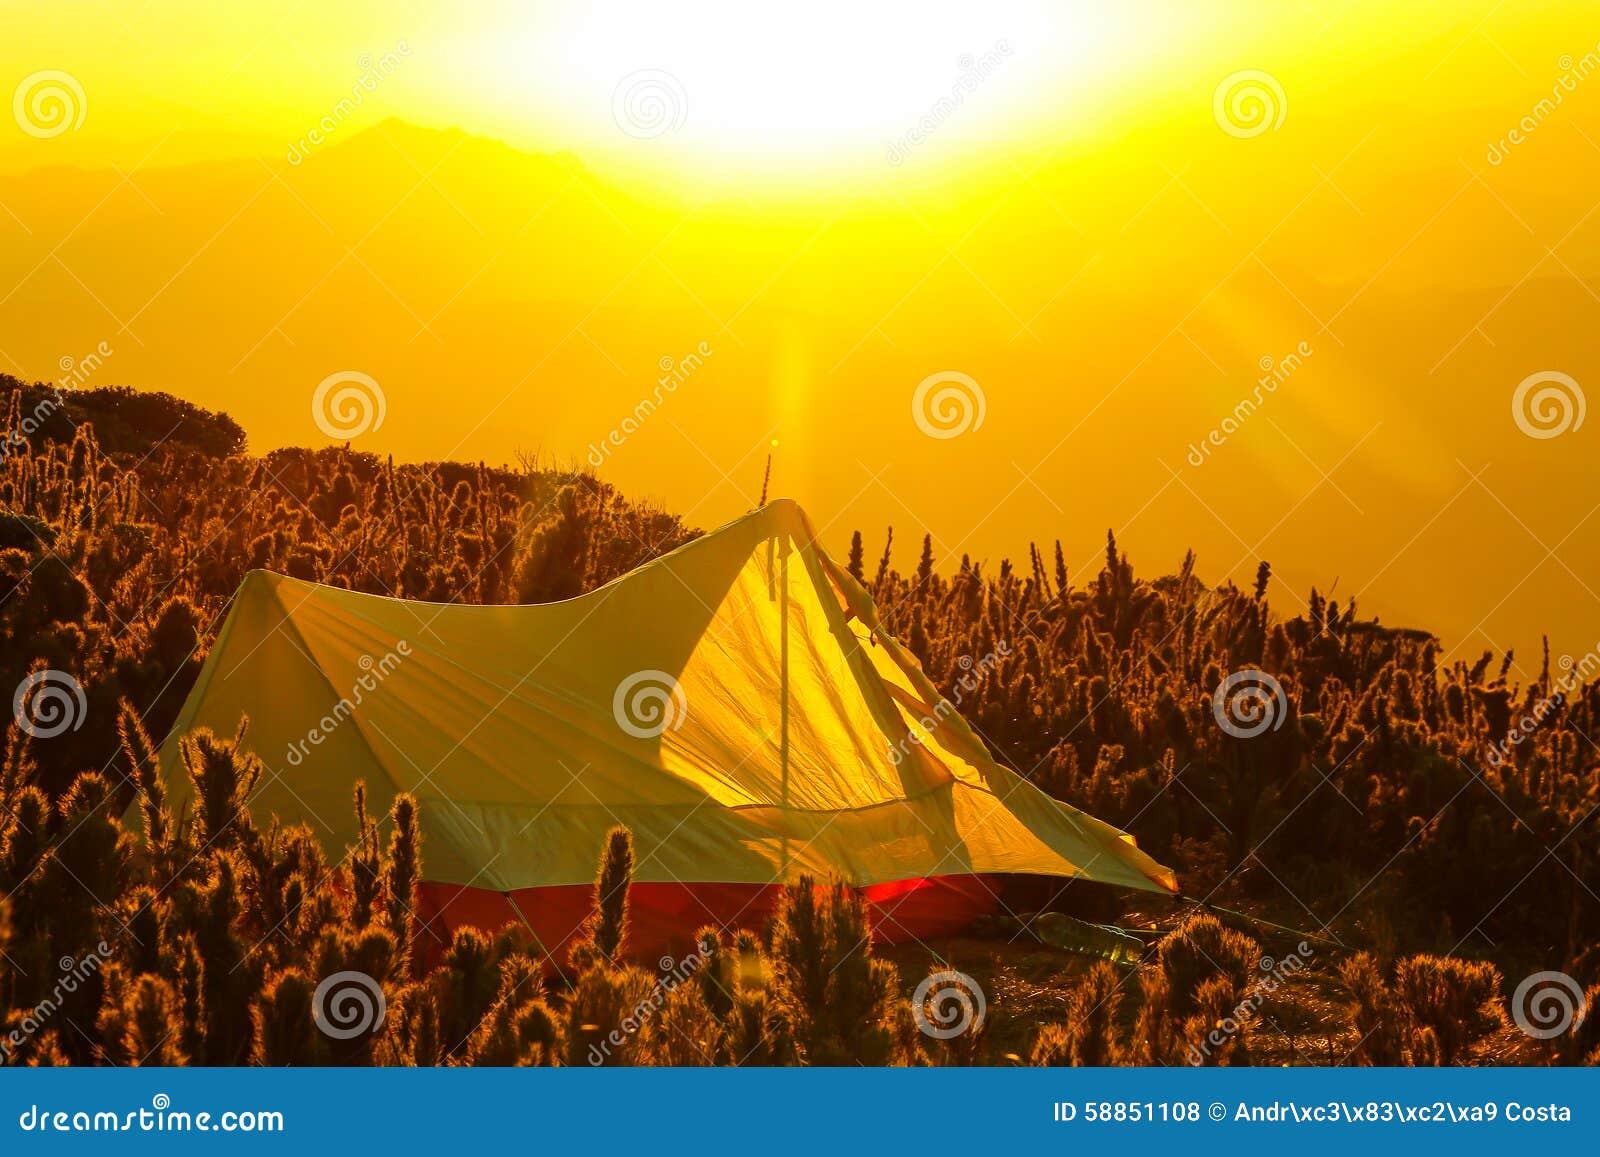 Zelt Auf Was Achten : Zelt auf die oberseite eines berges mit dem sonnenaufgang